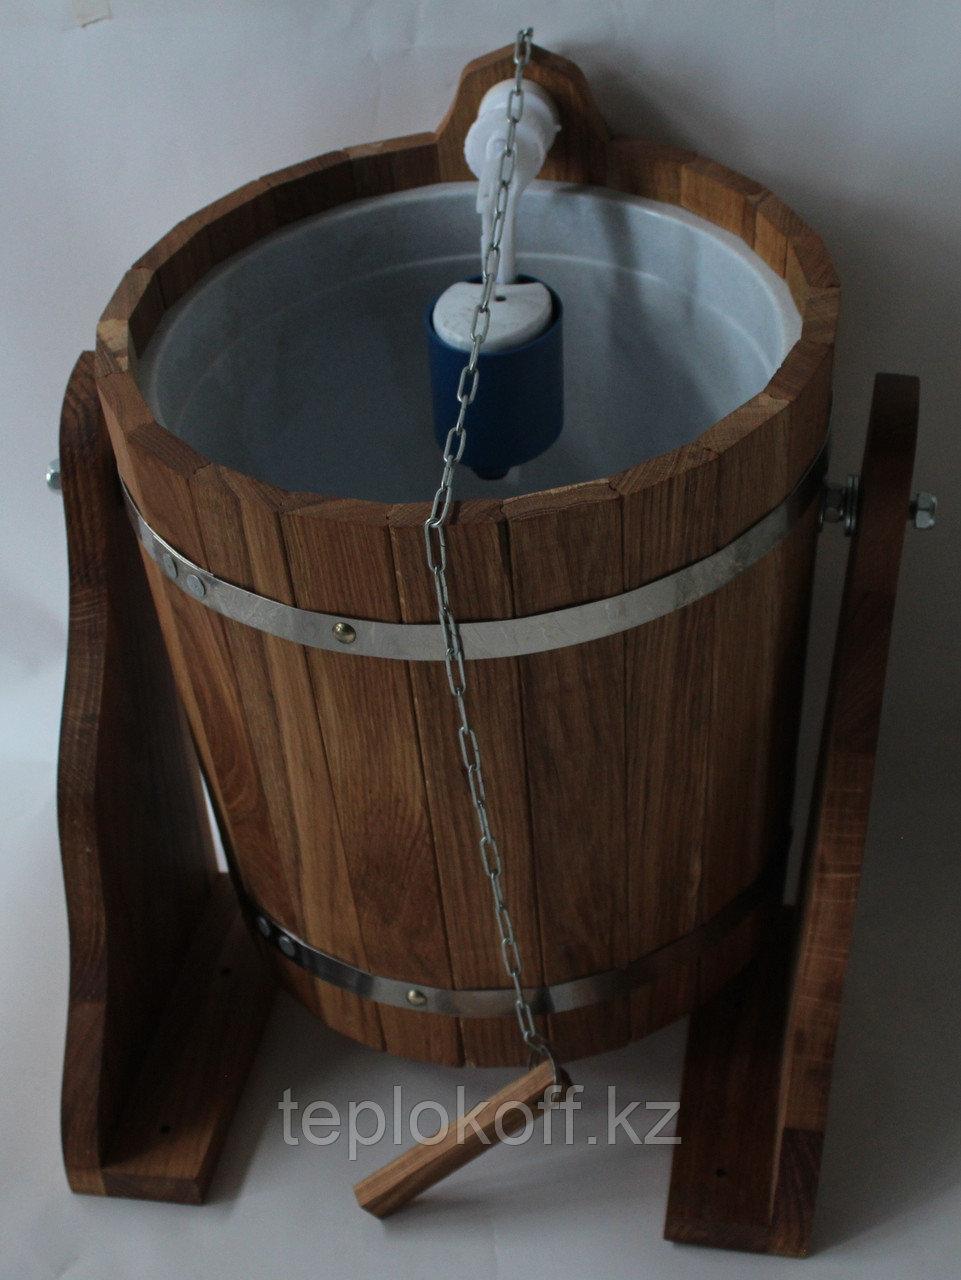 Обливное устройство банное Woodson 20 л дуб с пластиковой вставкой